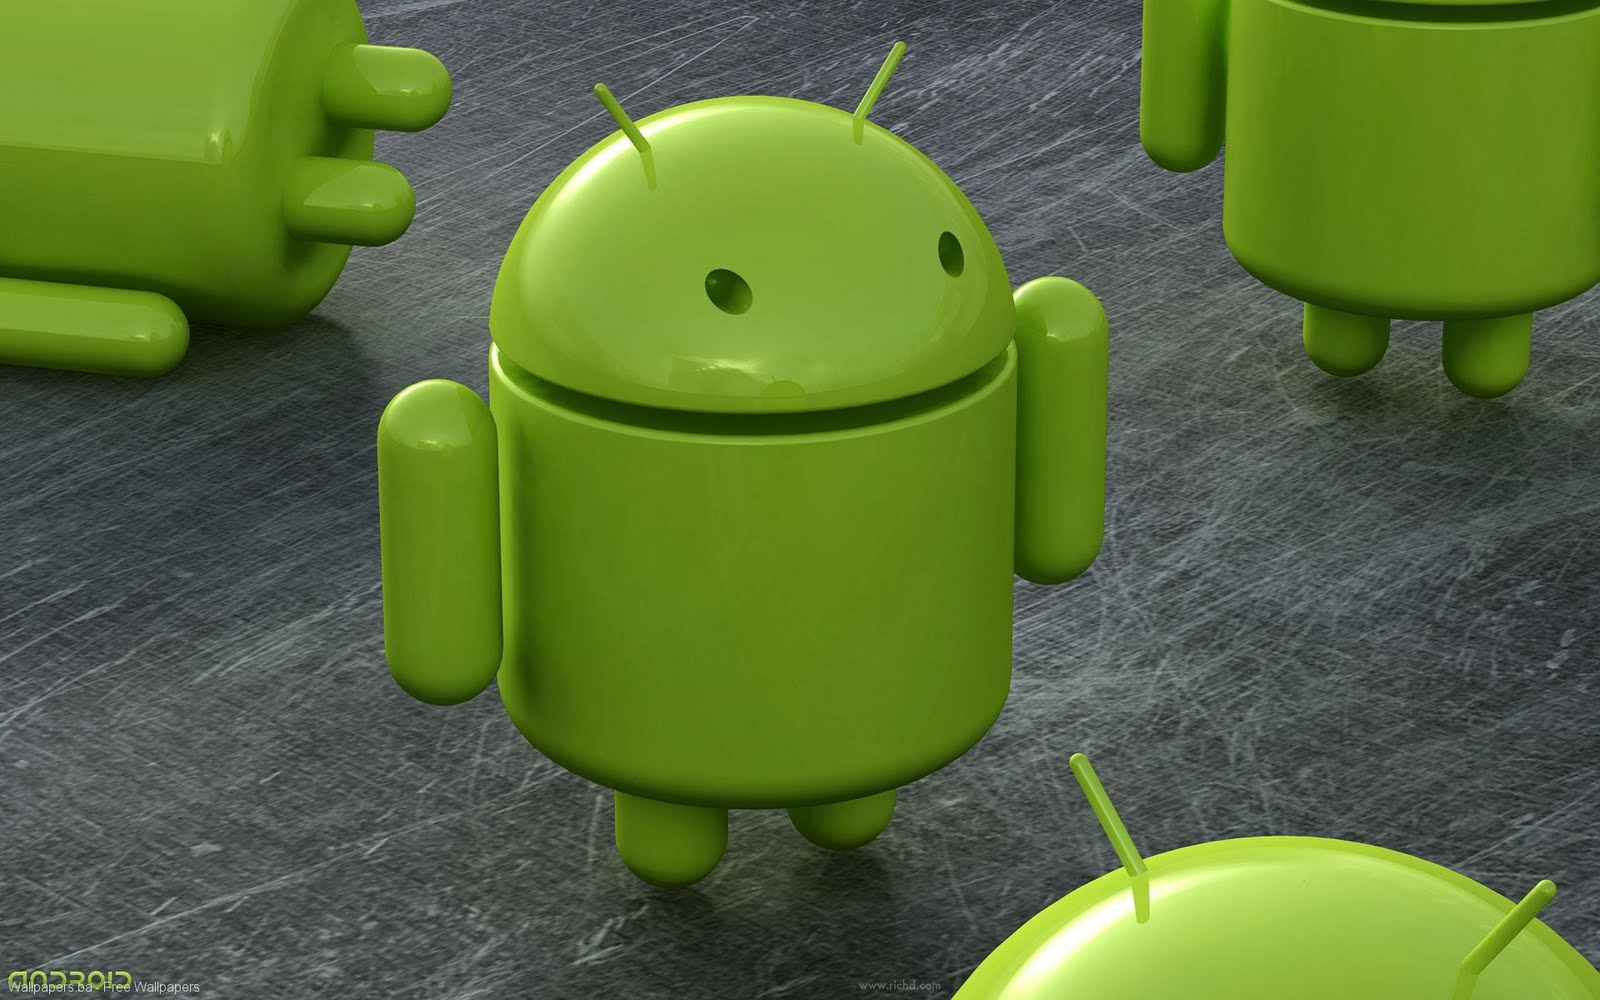 http://1.bp.blogspot.com/-QWv6DD-Ad4M/Tjq8oBz6OrI/AAAAAAAAAS0/iViUqdIohCI/s1600/Mapsys-info-Android-Wallpaper-.jpeg